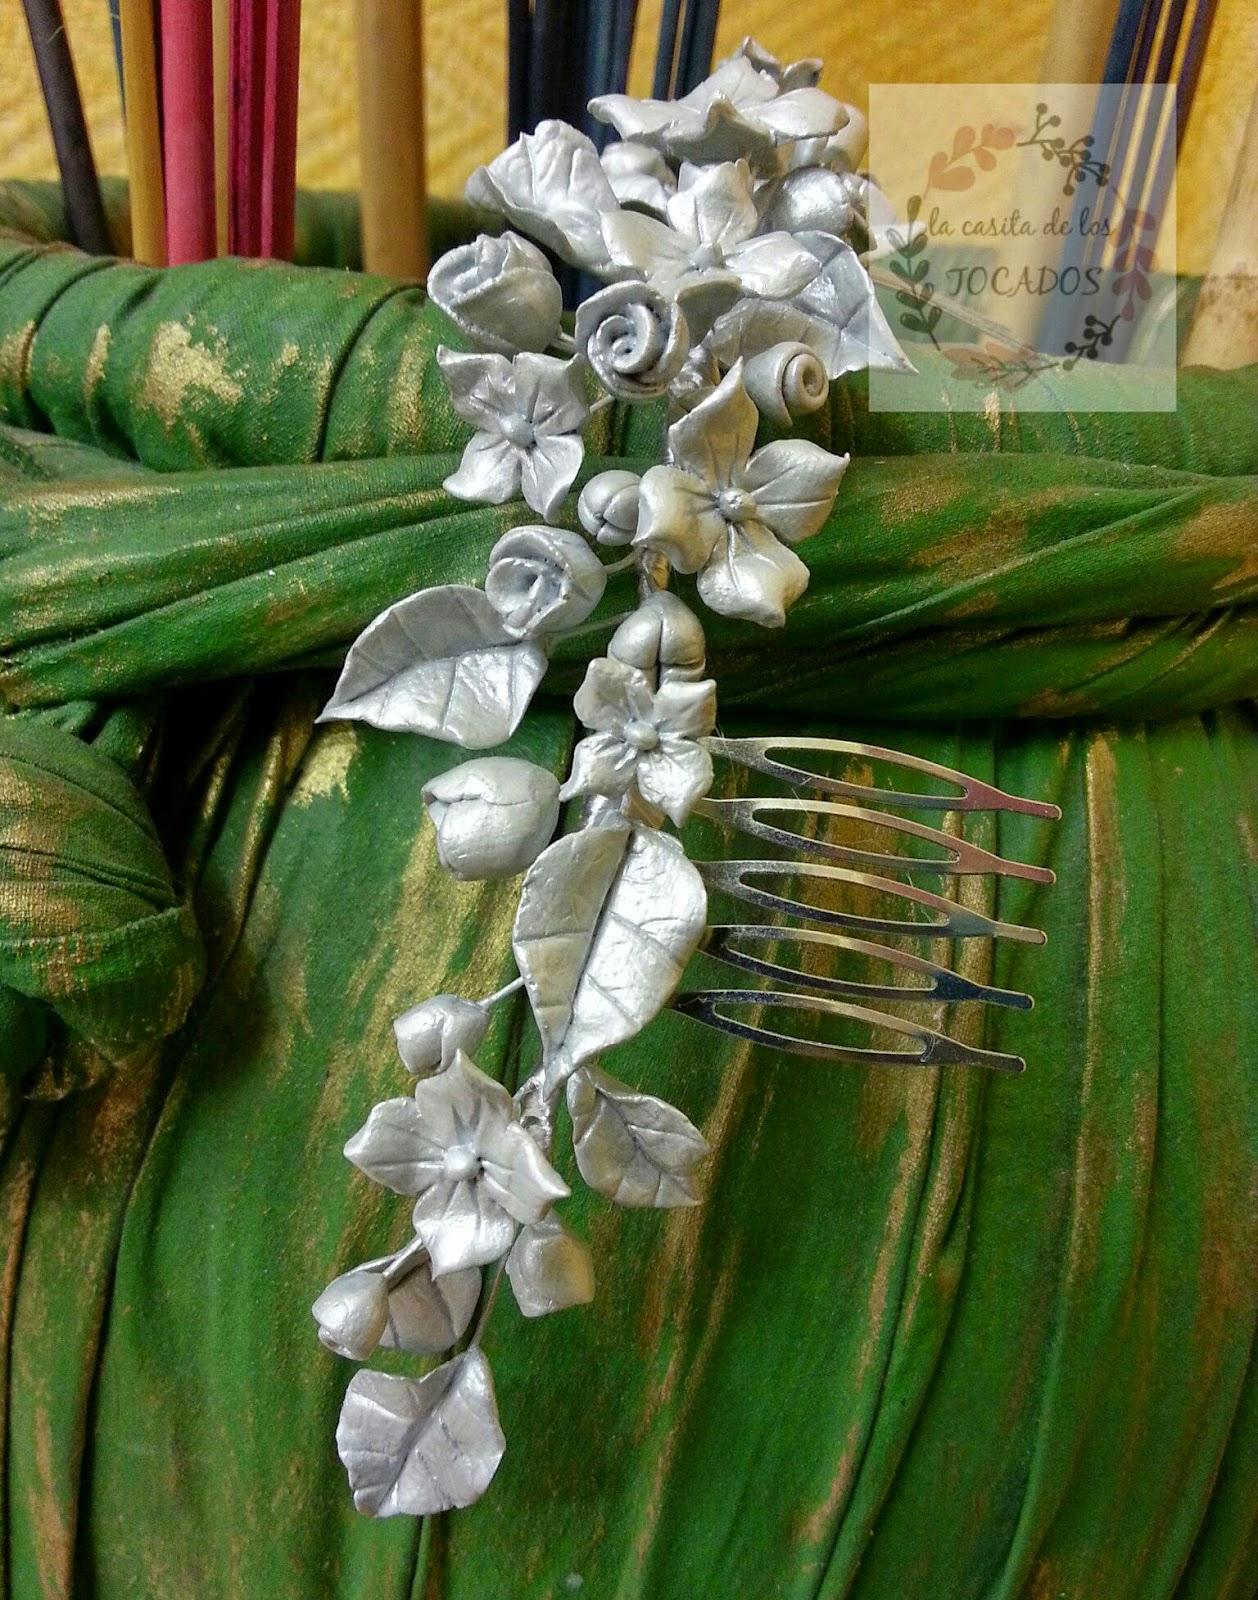 tocado para novia romántica y vintage realizada en porcelana fría y pintada en color plata